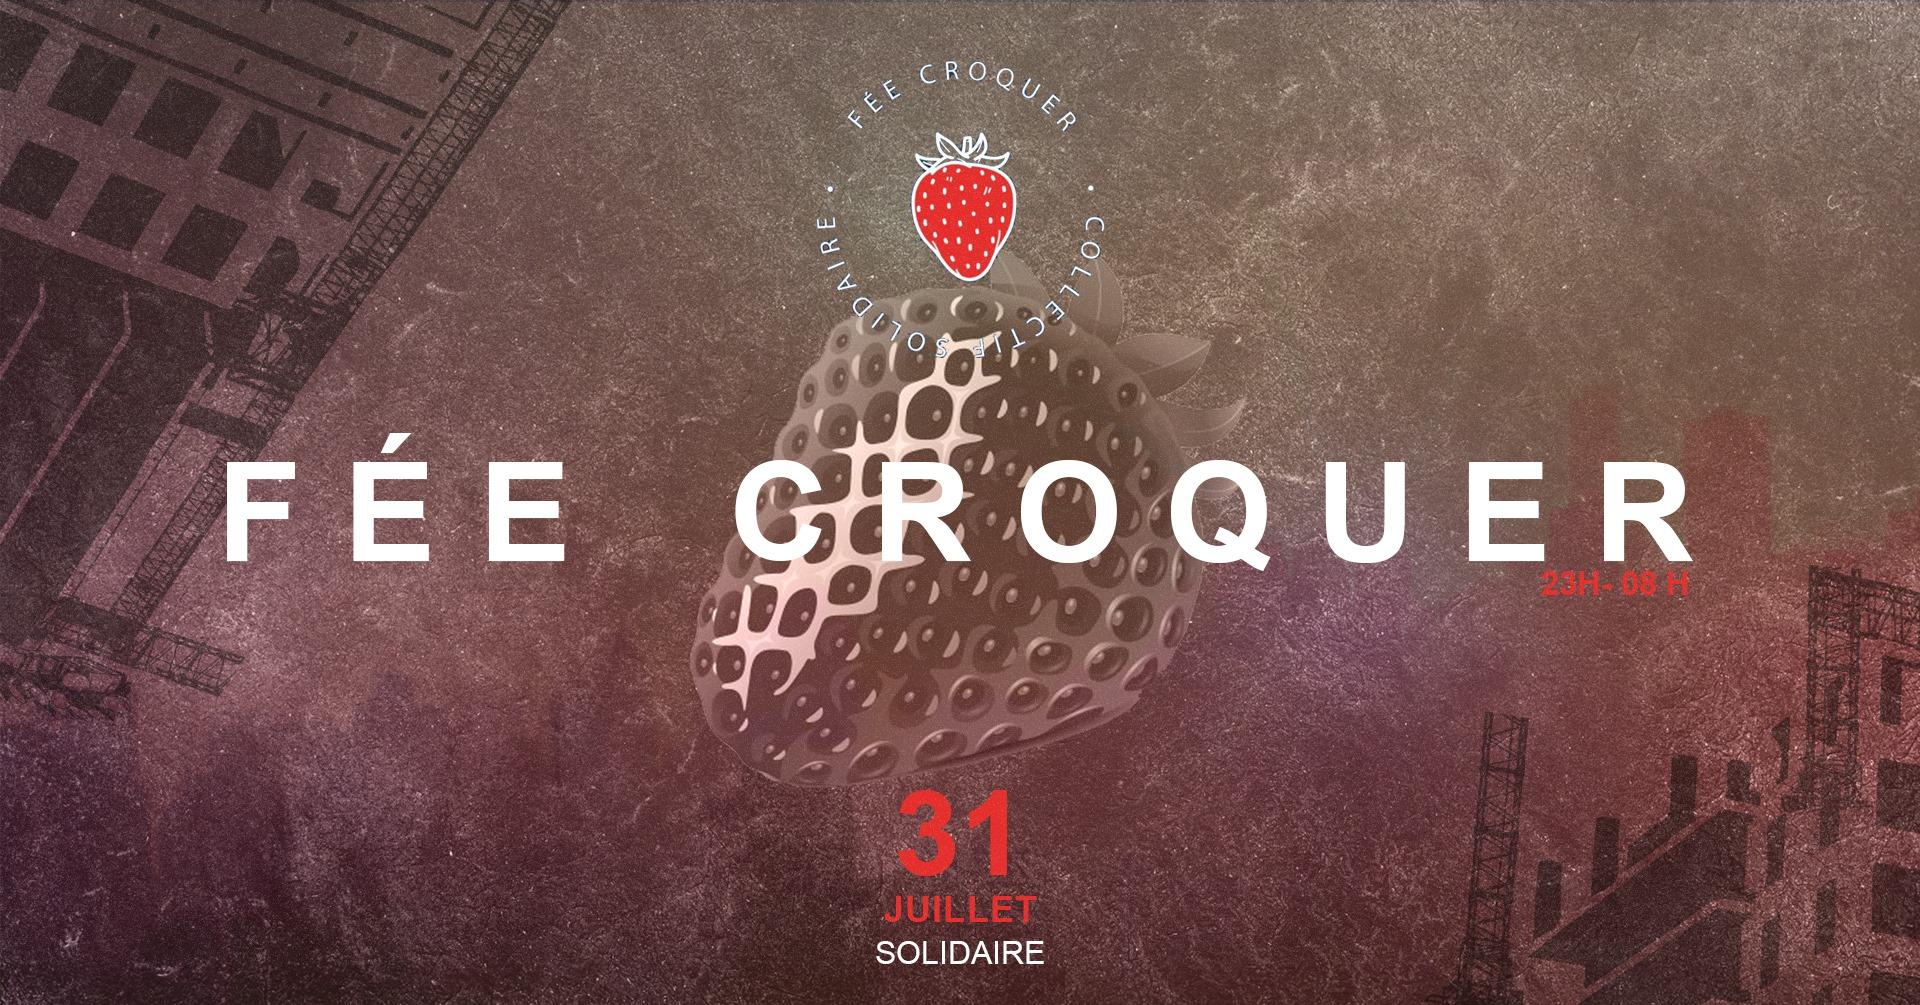 Fée croquer - Open Air - 31 juillet